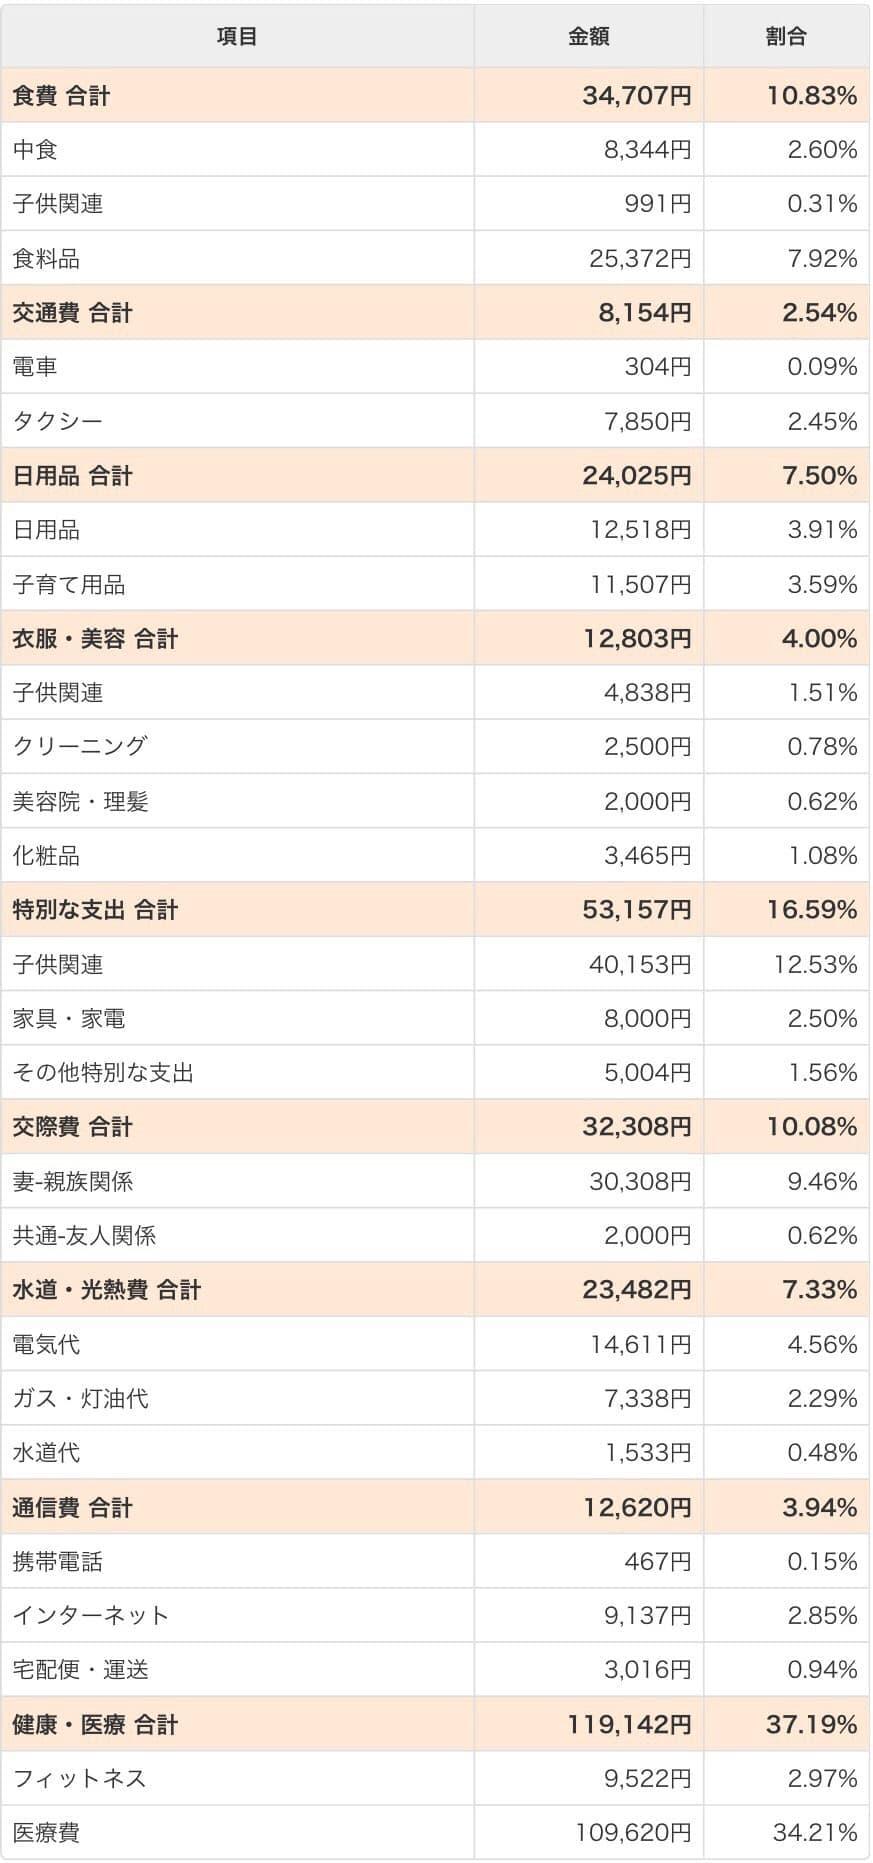 2018年1月の家計簿